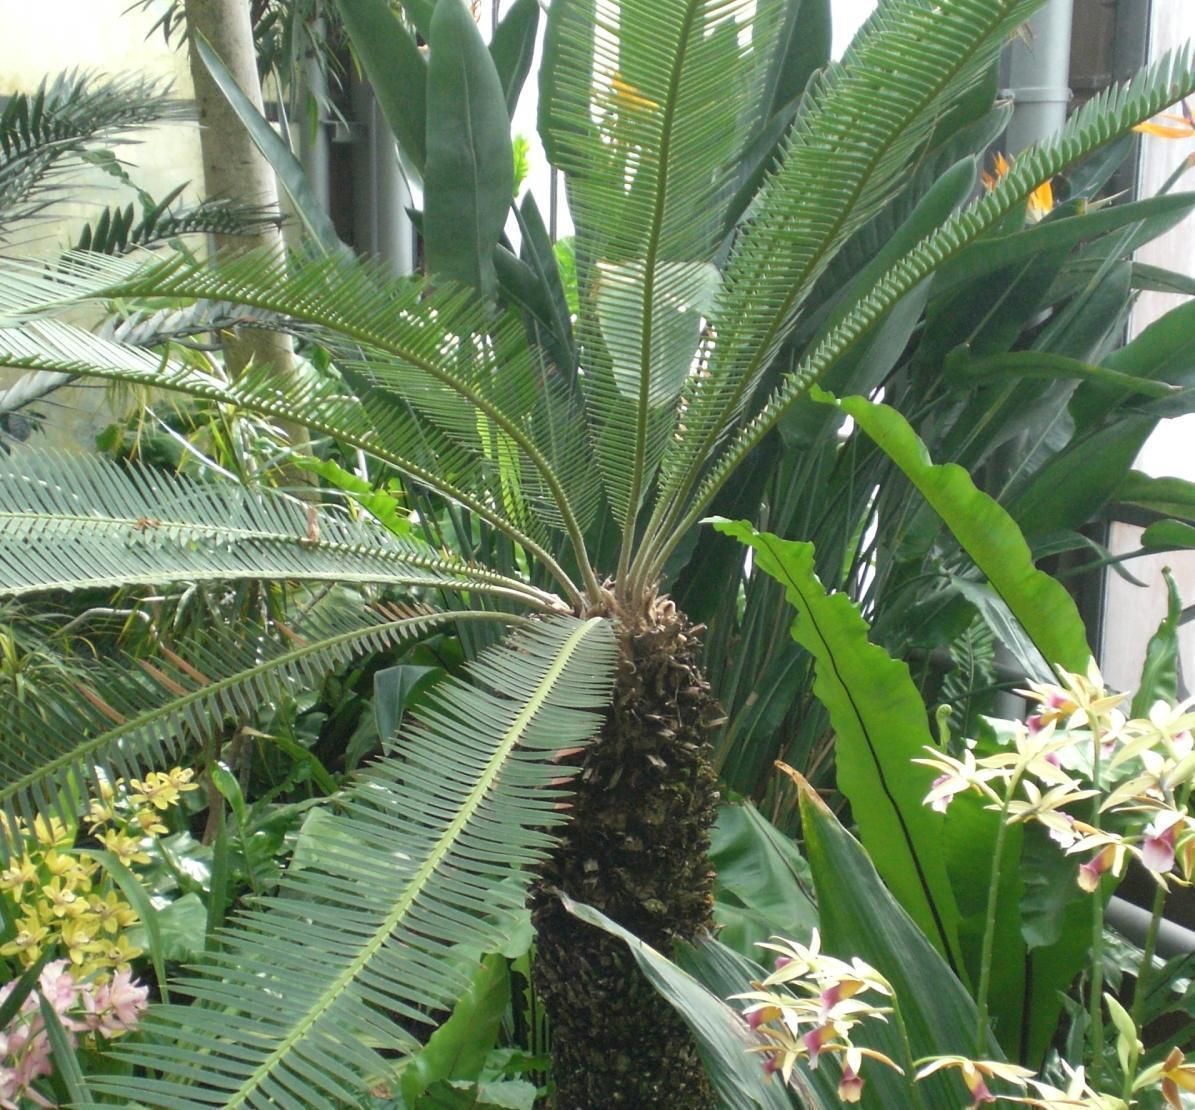 Botanischer Garten Karlsruhe öffnungszeiten: Doppel-Palmfarn